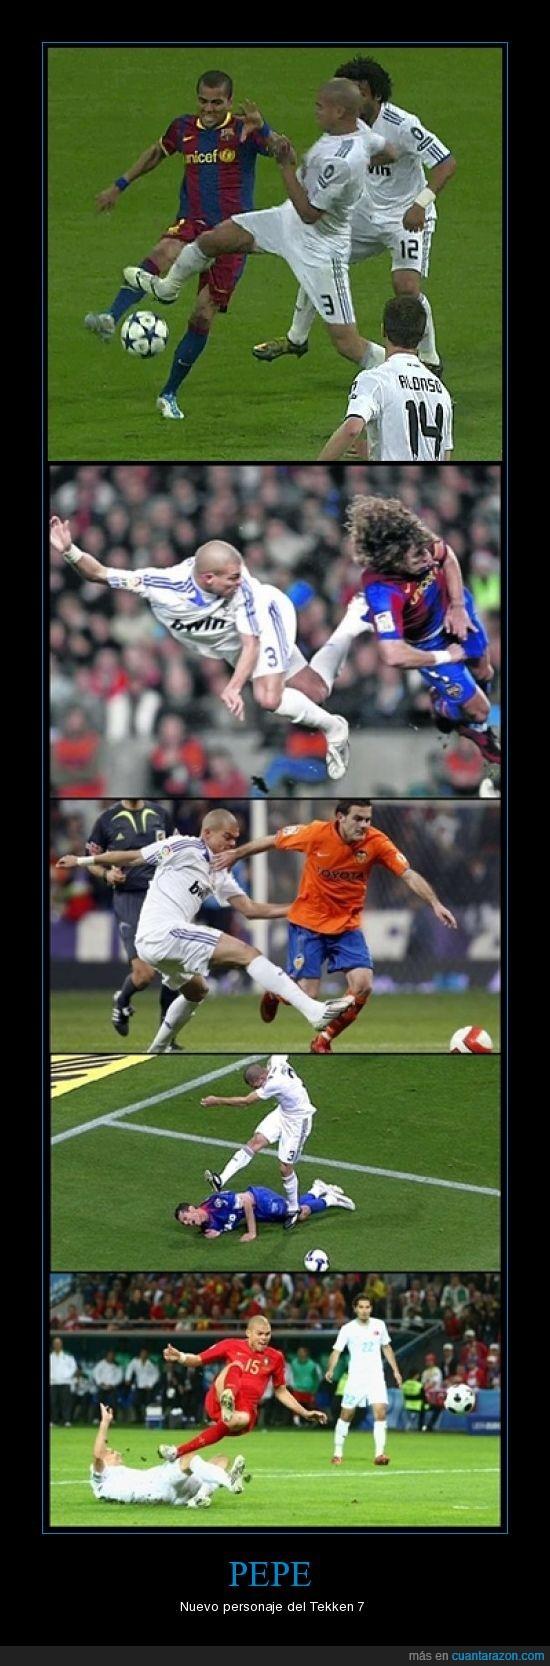 entradas,loco,madrid,Pepe,piernas,rompe